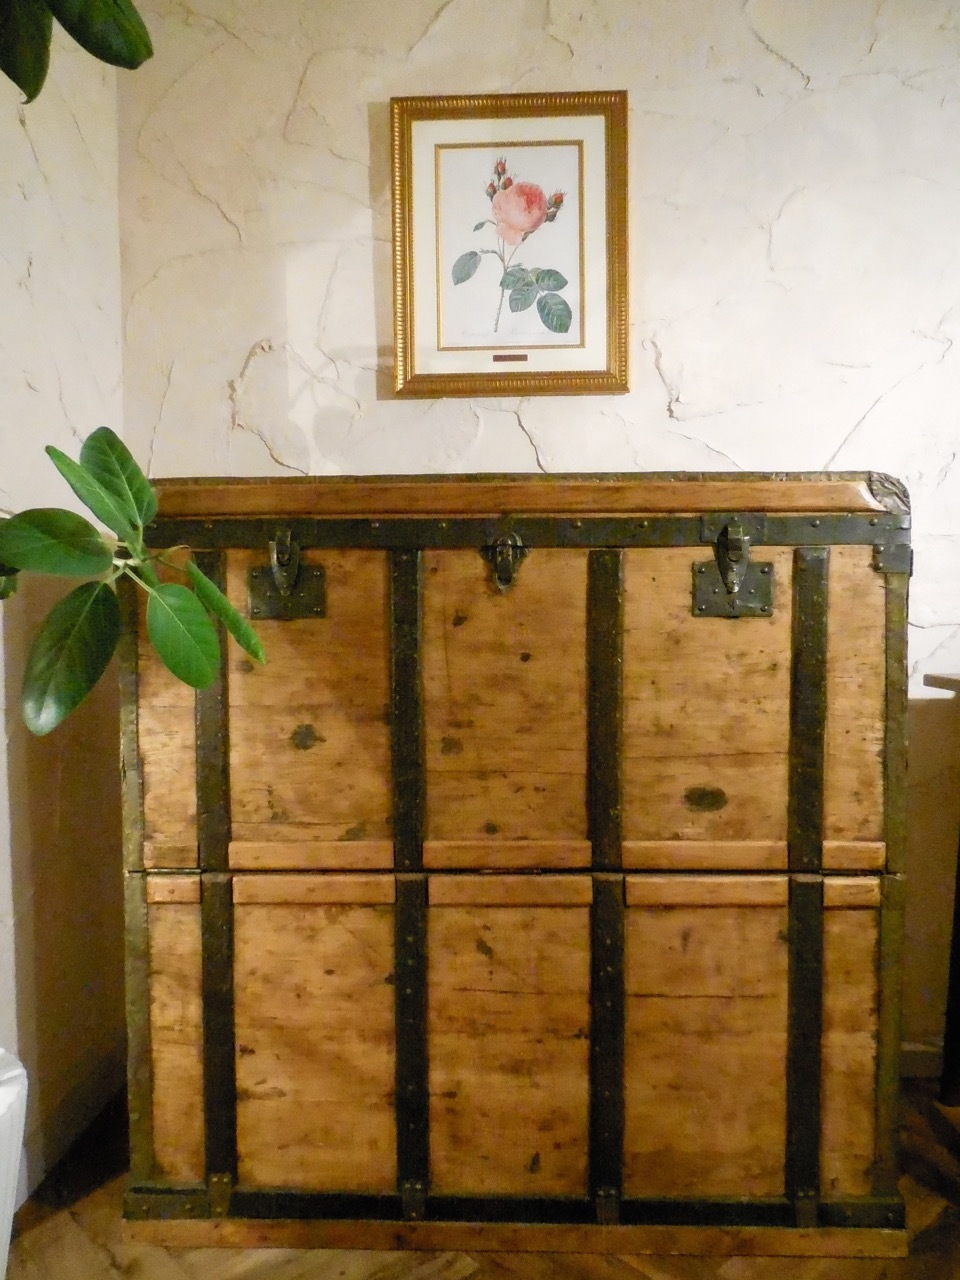 クマさんお気に入りの木製トランク_e0356356_22472547.jpg